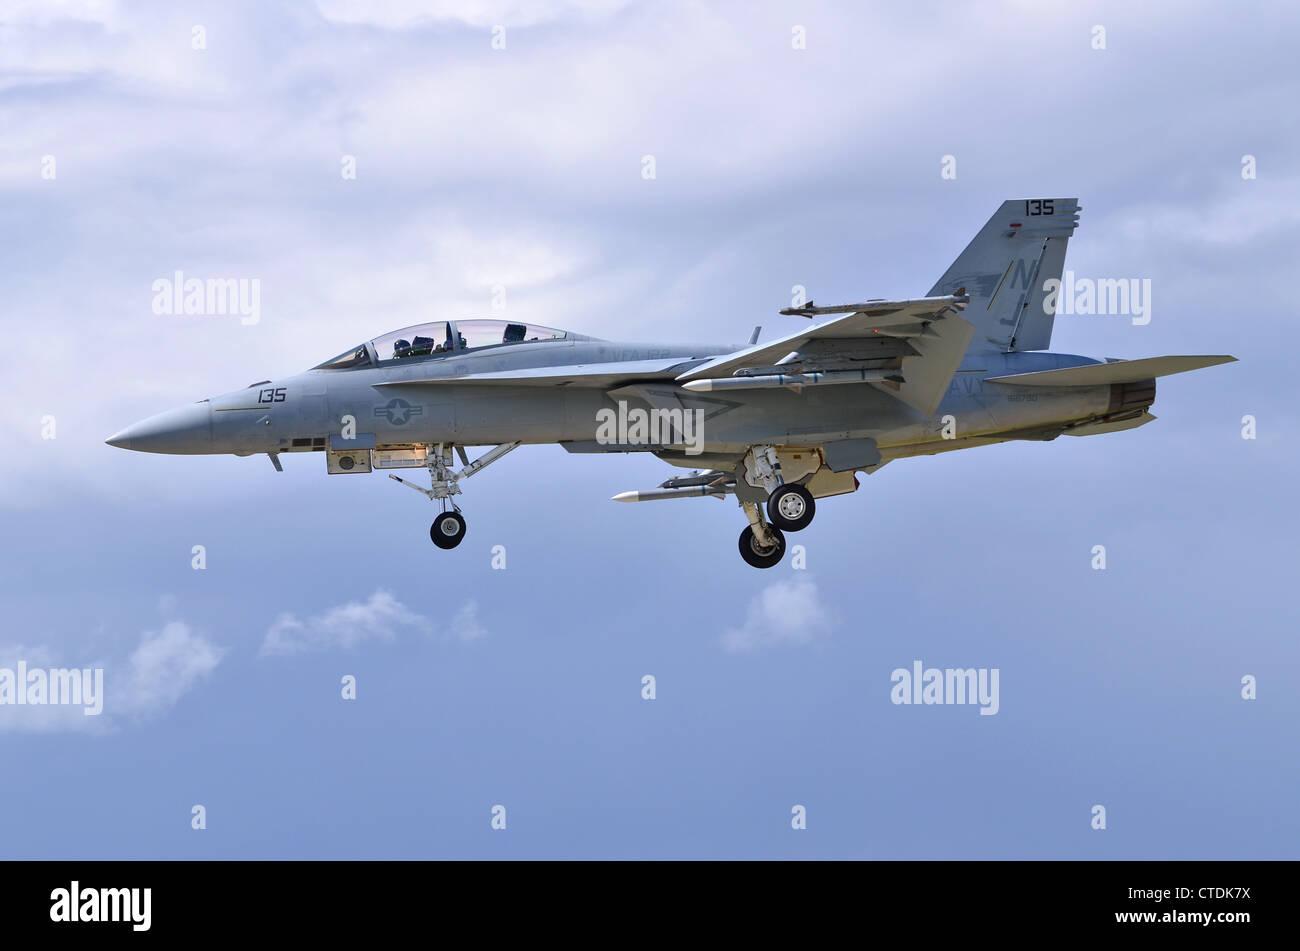 Boeing F/A-18F Super Hornet VFA-122 exploité par de l'US Navy en approche pour l'atterrissage à Farnborough International Airshow 2012 Banque D'Images